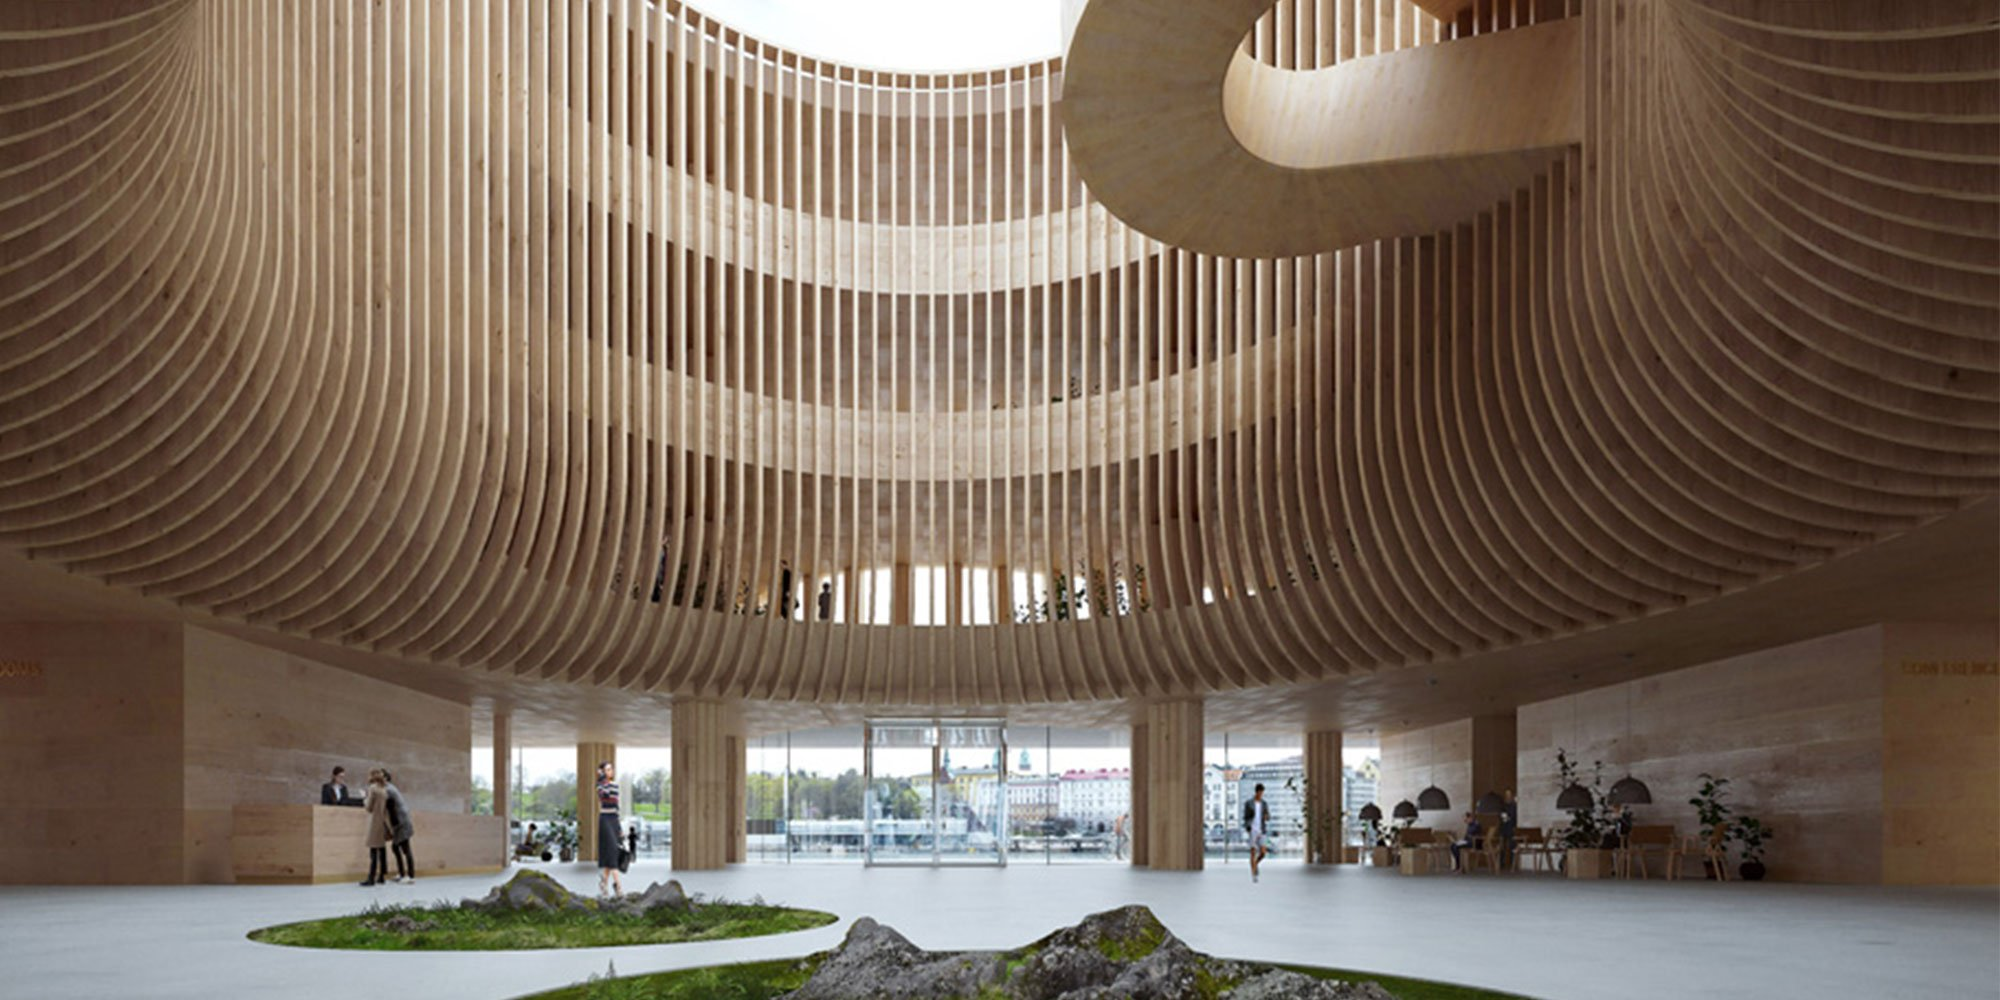 L'architettura Contemporanea e le donne, sensibilità e innovazione.